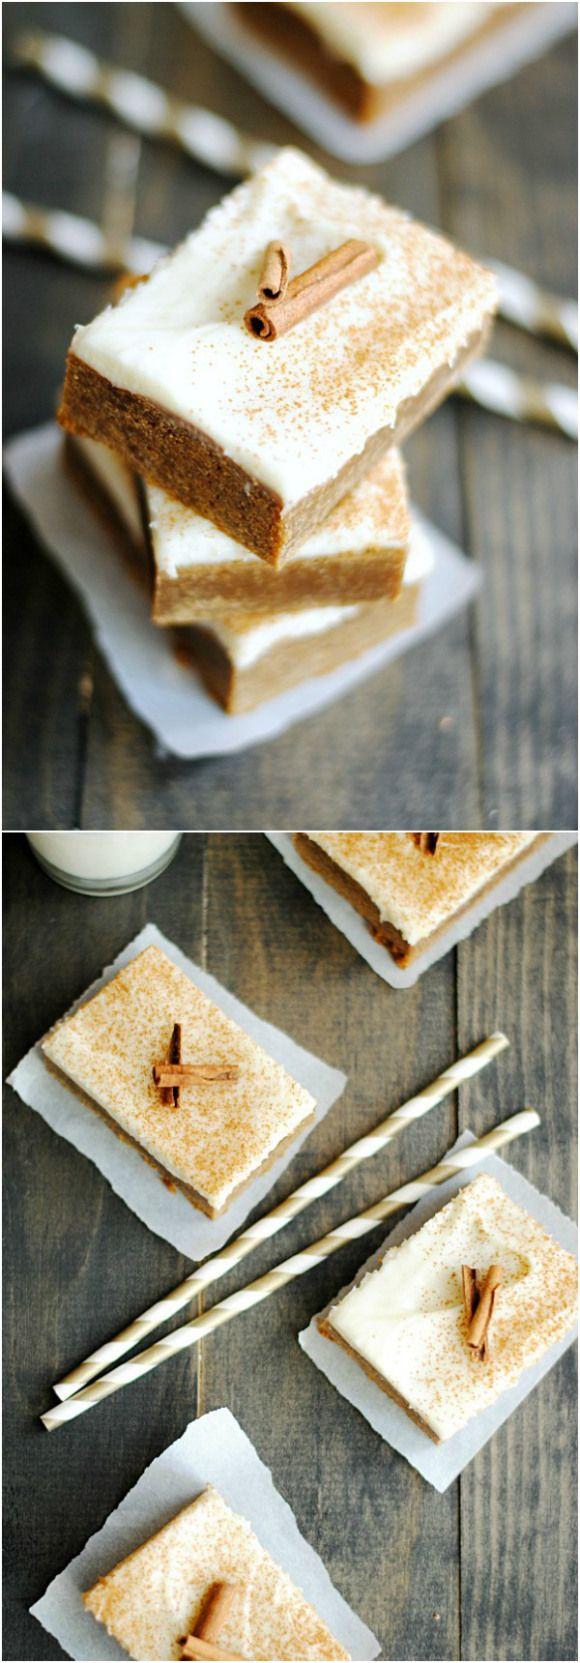 #Recipe: Cinnamon Spice Bars